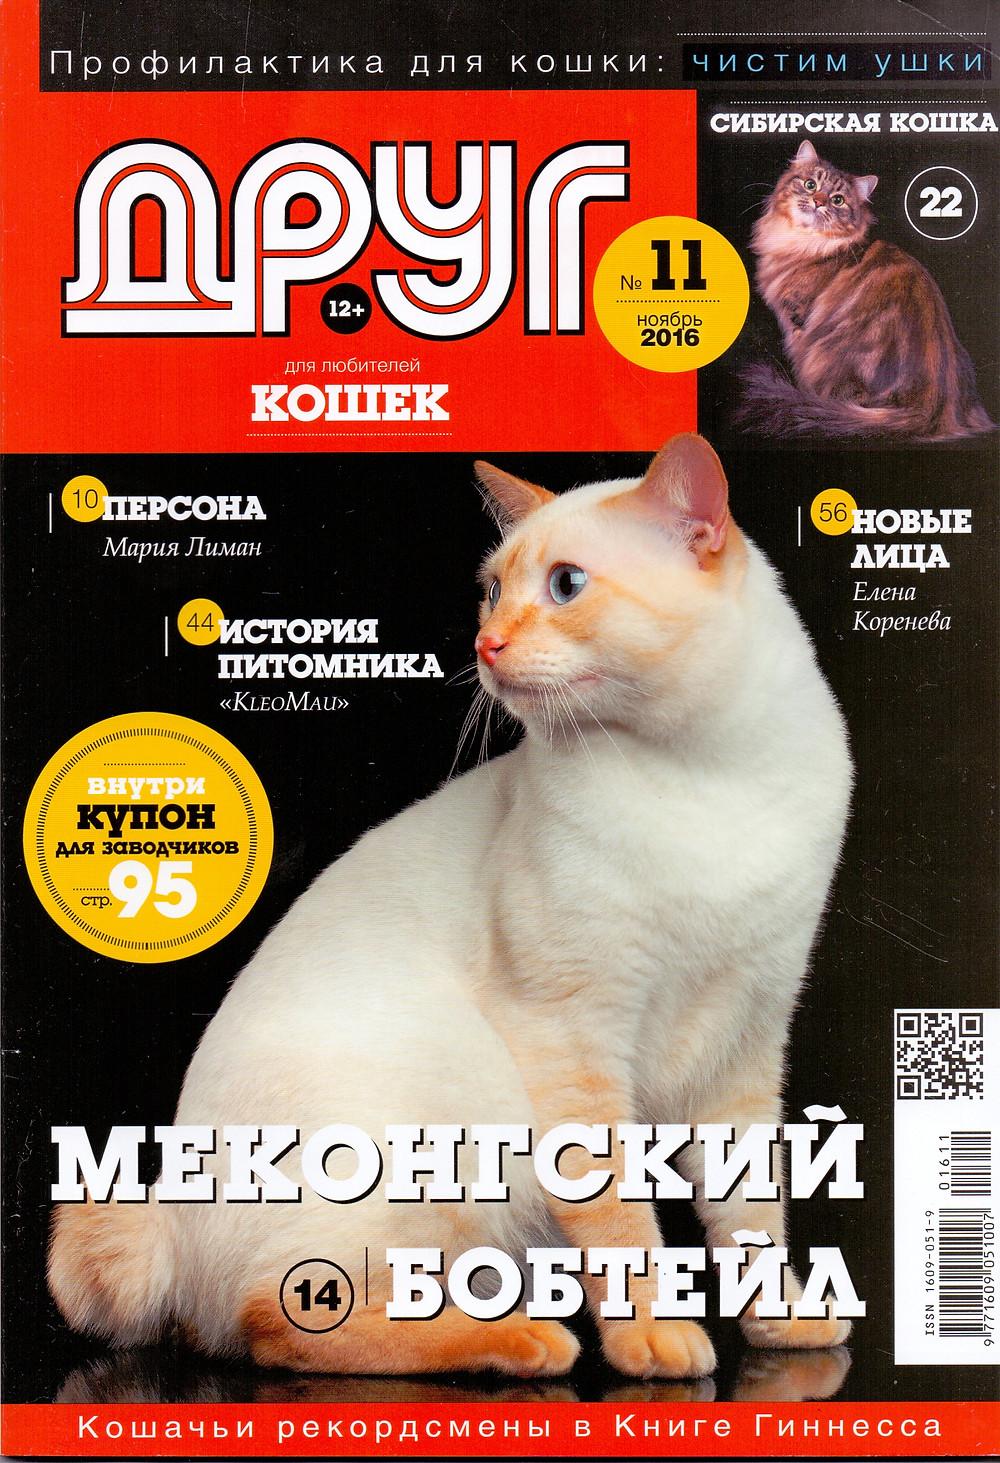 Друг любителей кошек. Сибирская кошка